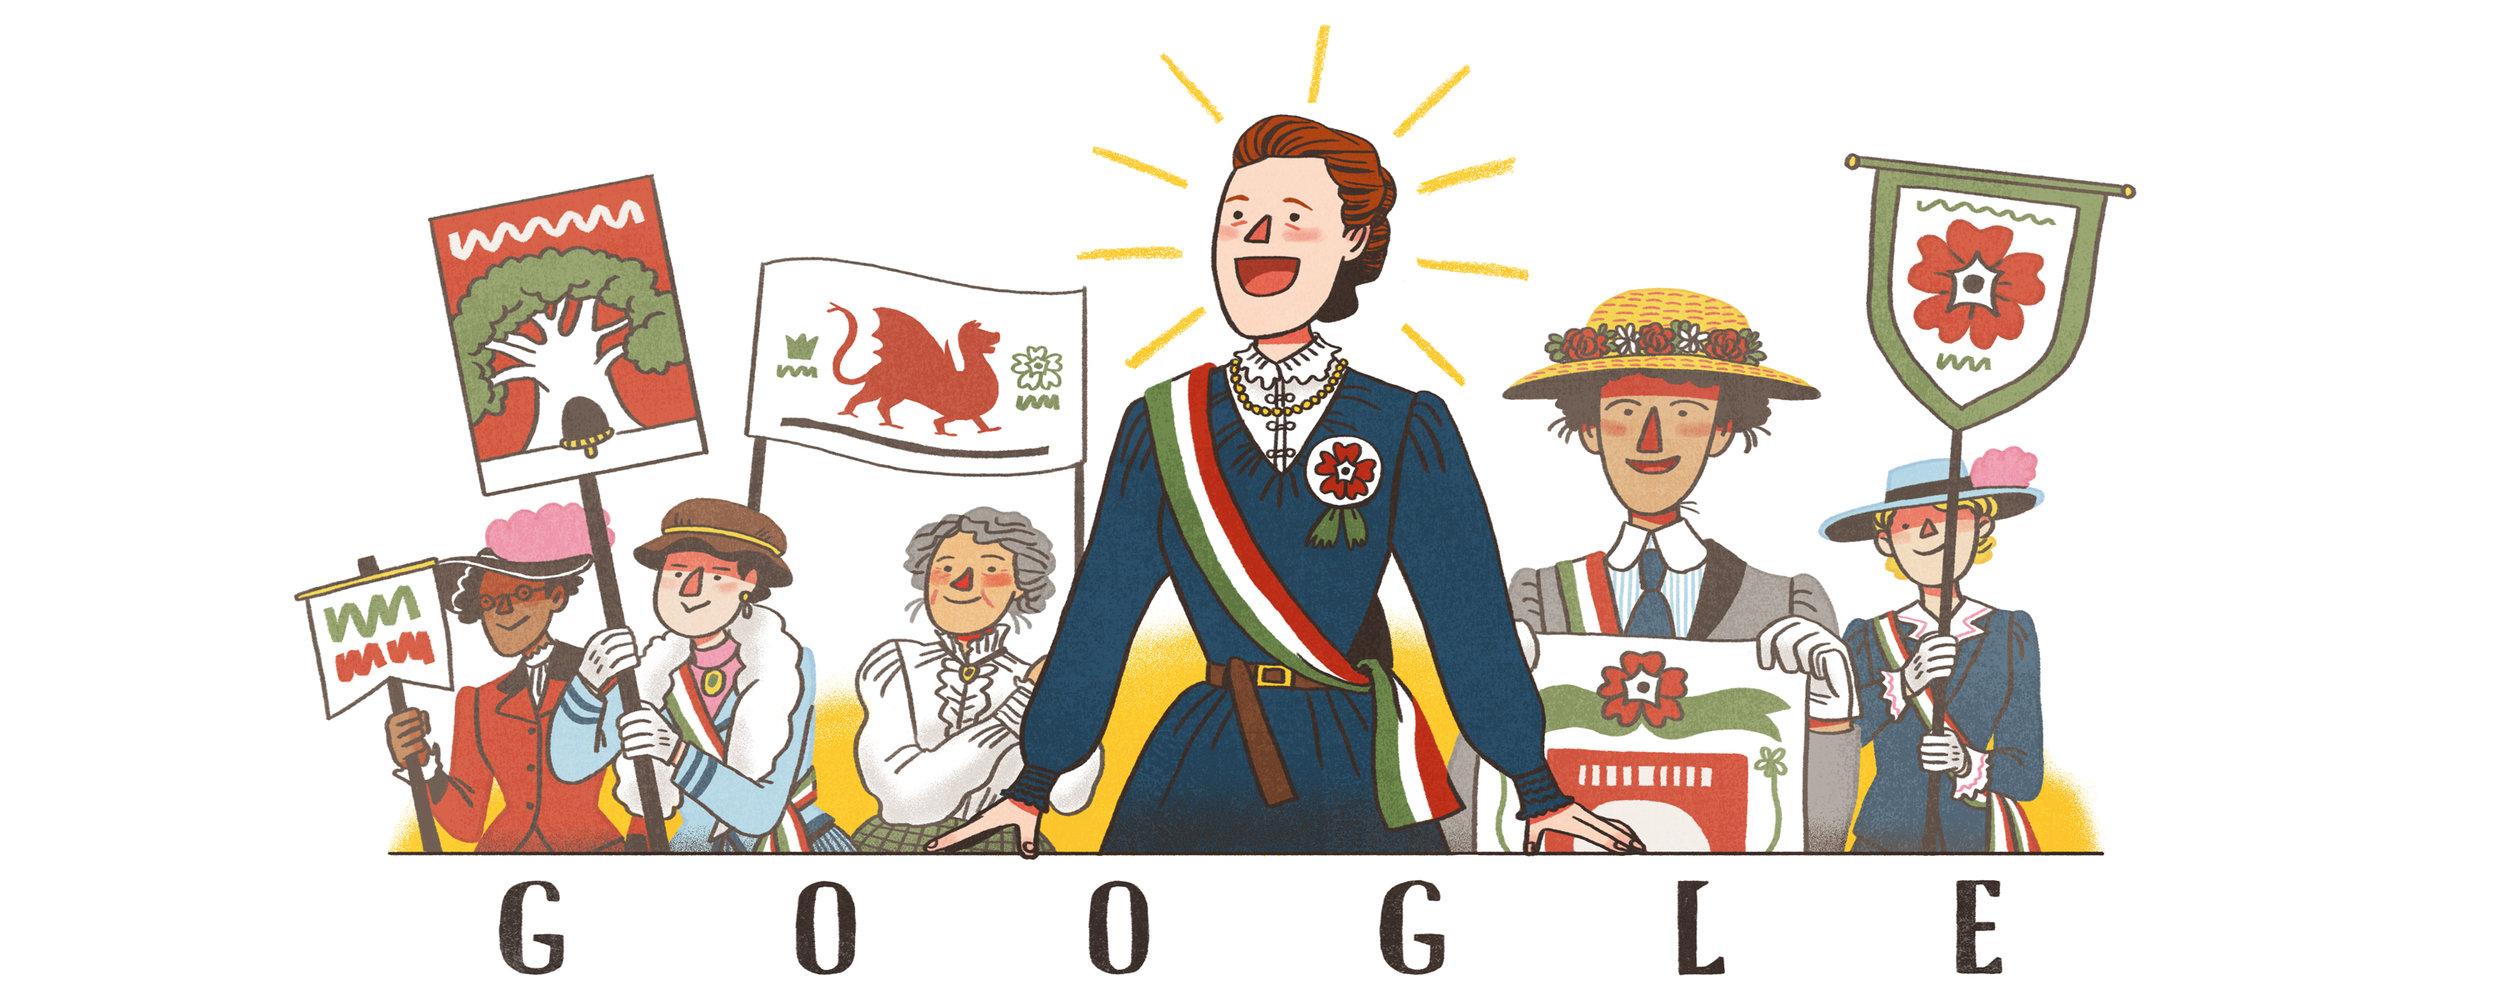 Google Doodle - Millicent Fawcett.jpg